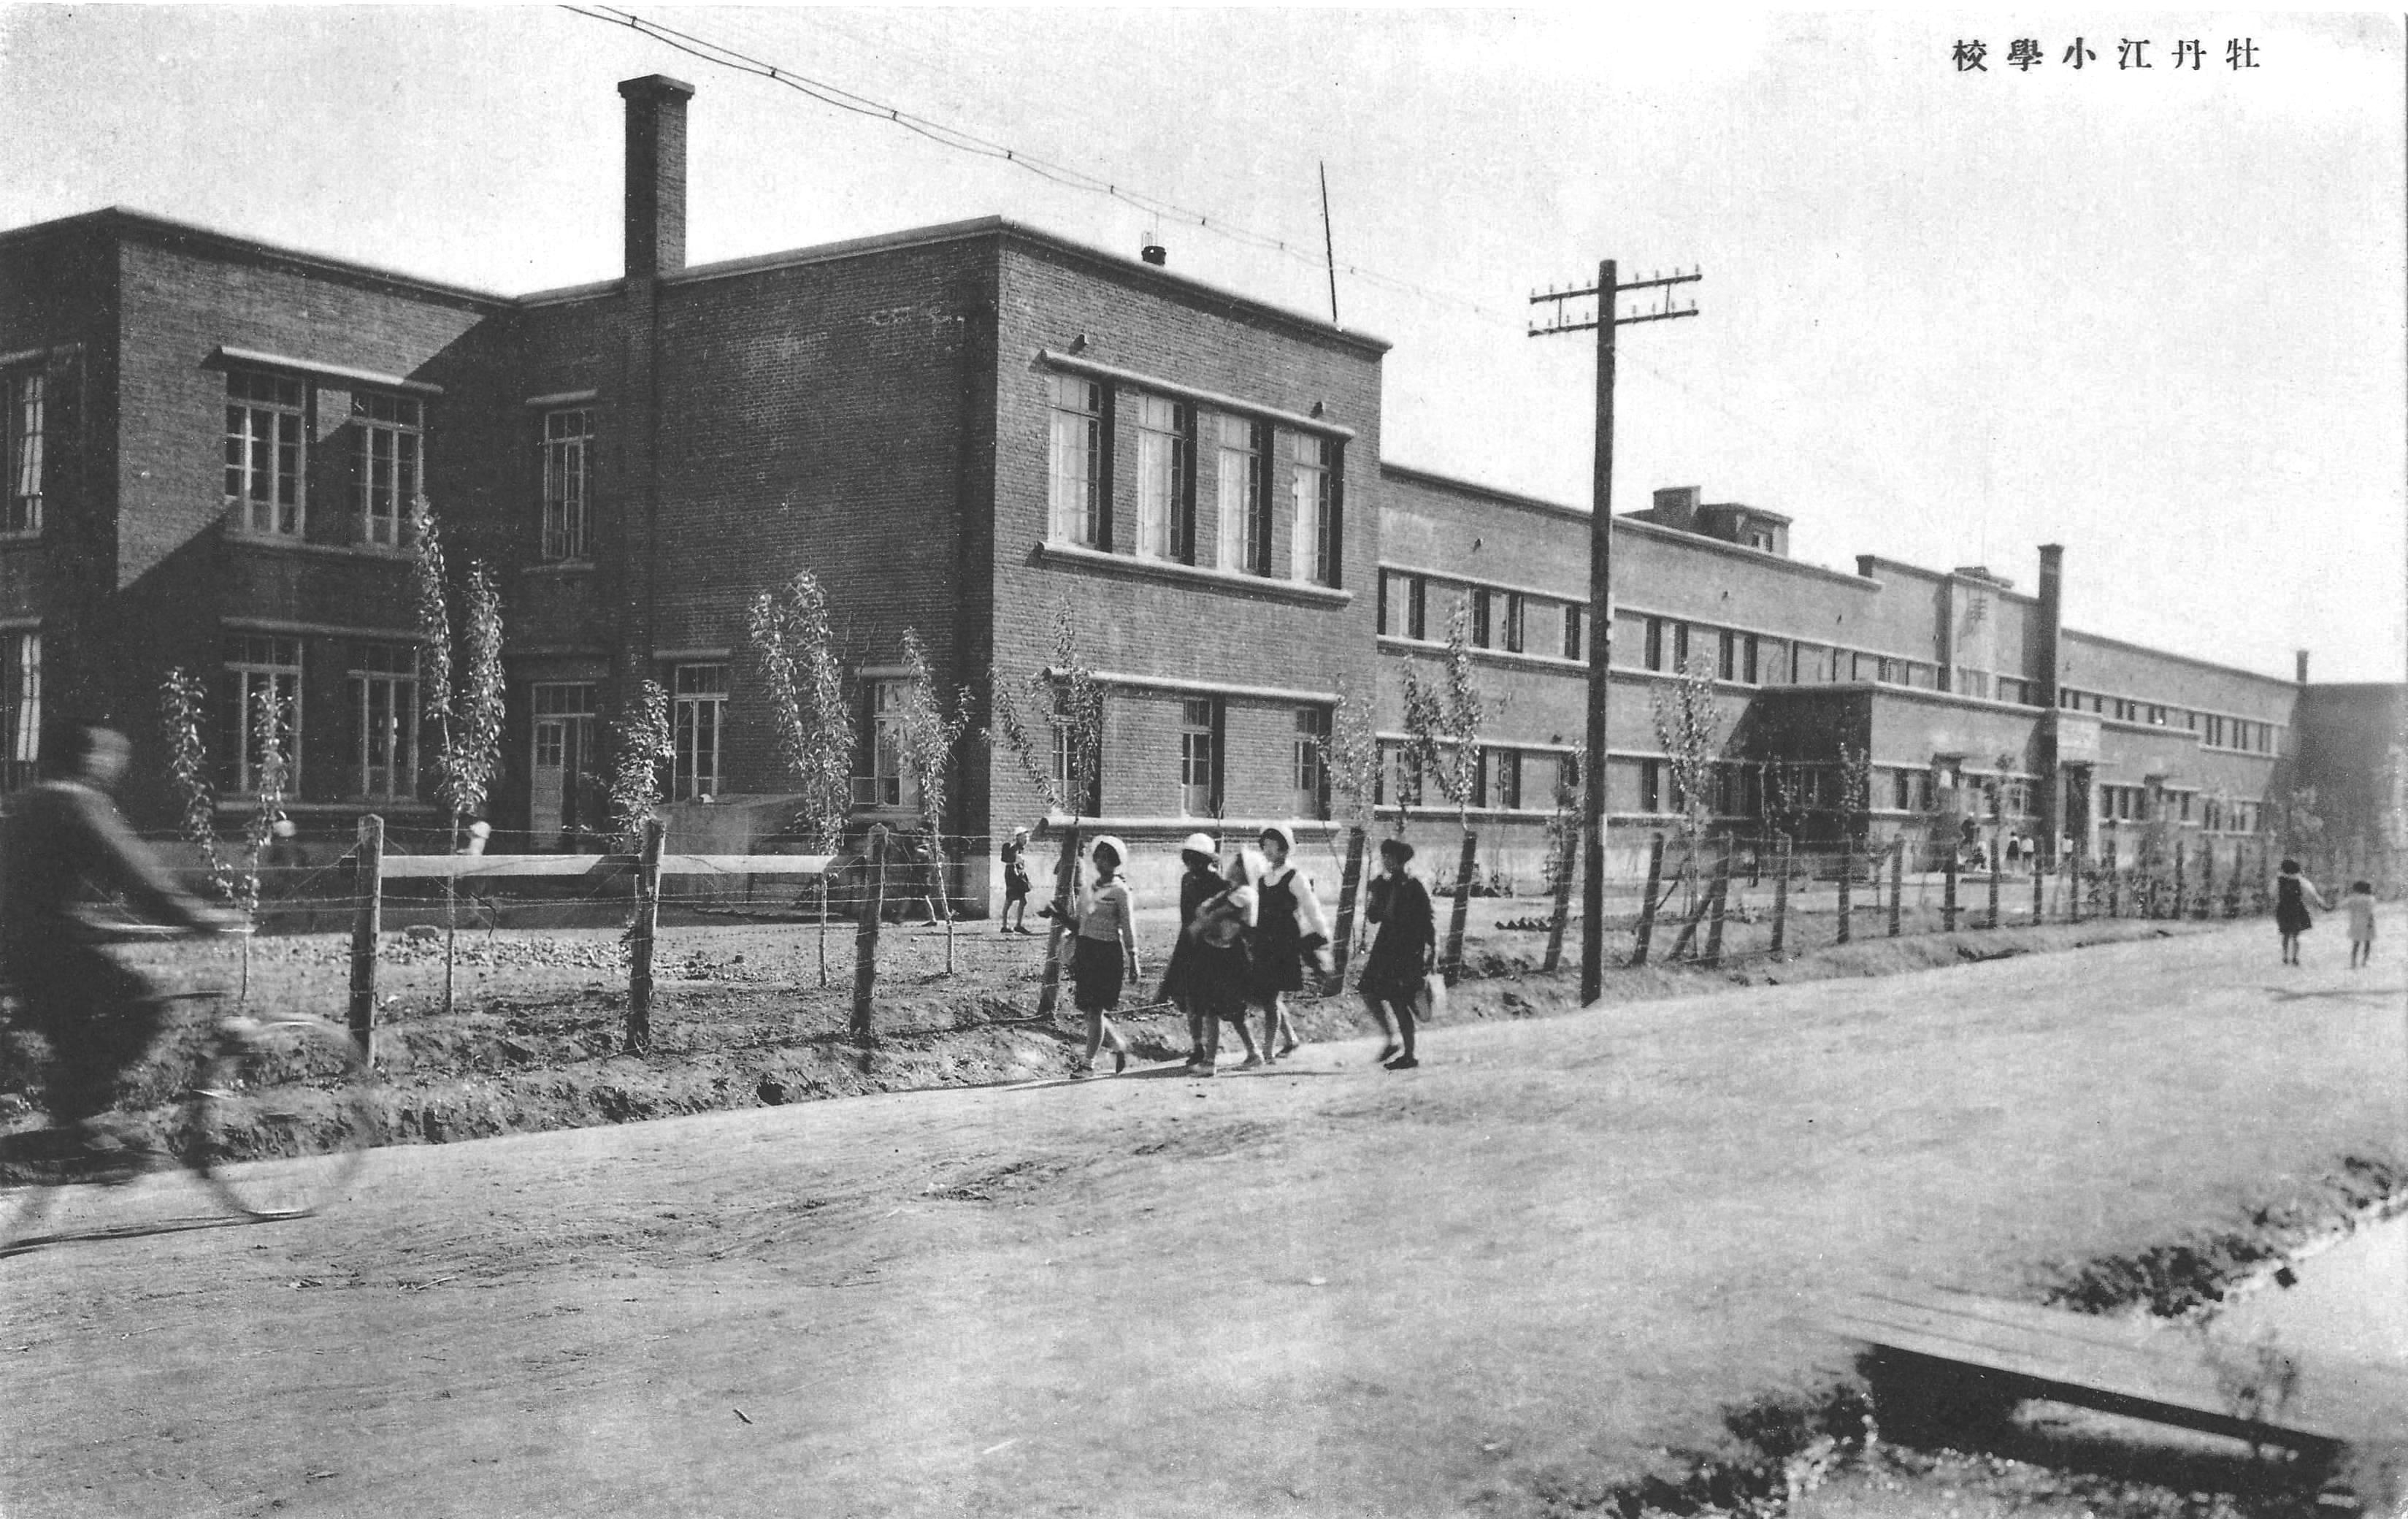 ファイル botankou elementary school manchuria 1930 s 40s jpg